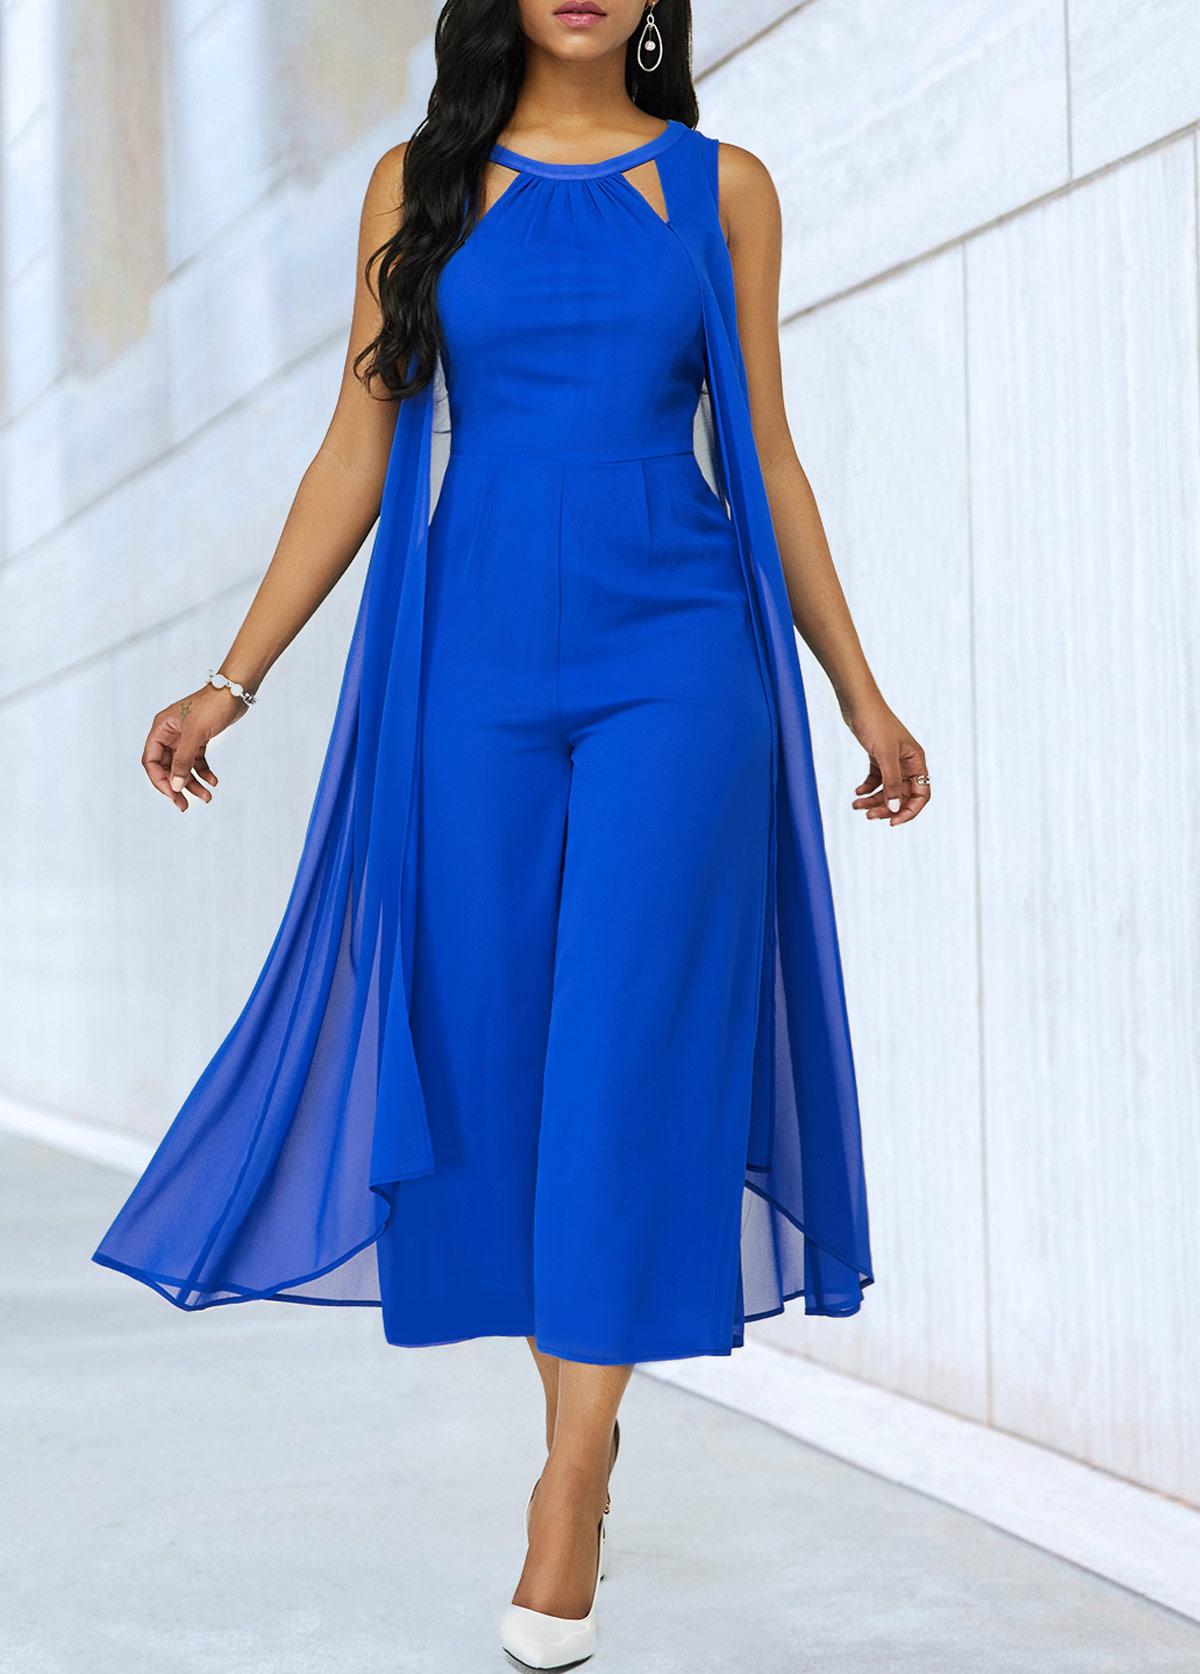 Royal Blue Cutout Neckline Sleeveless Chiffon Jumpsuit